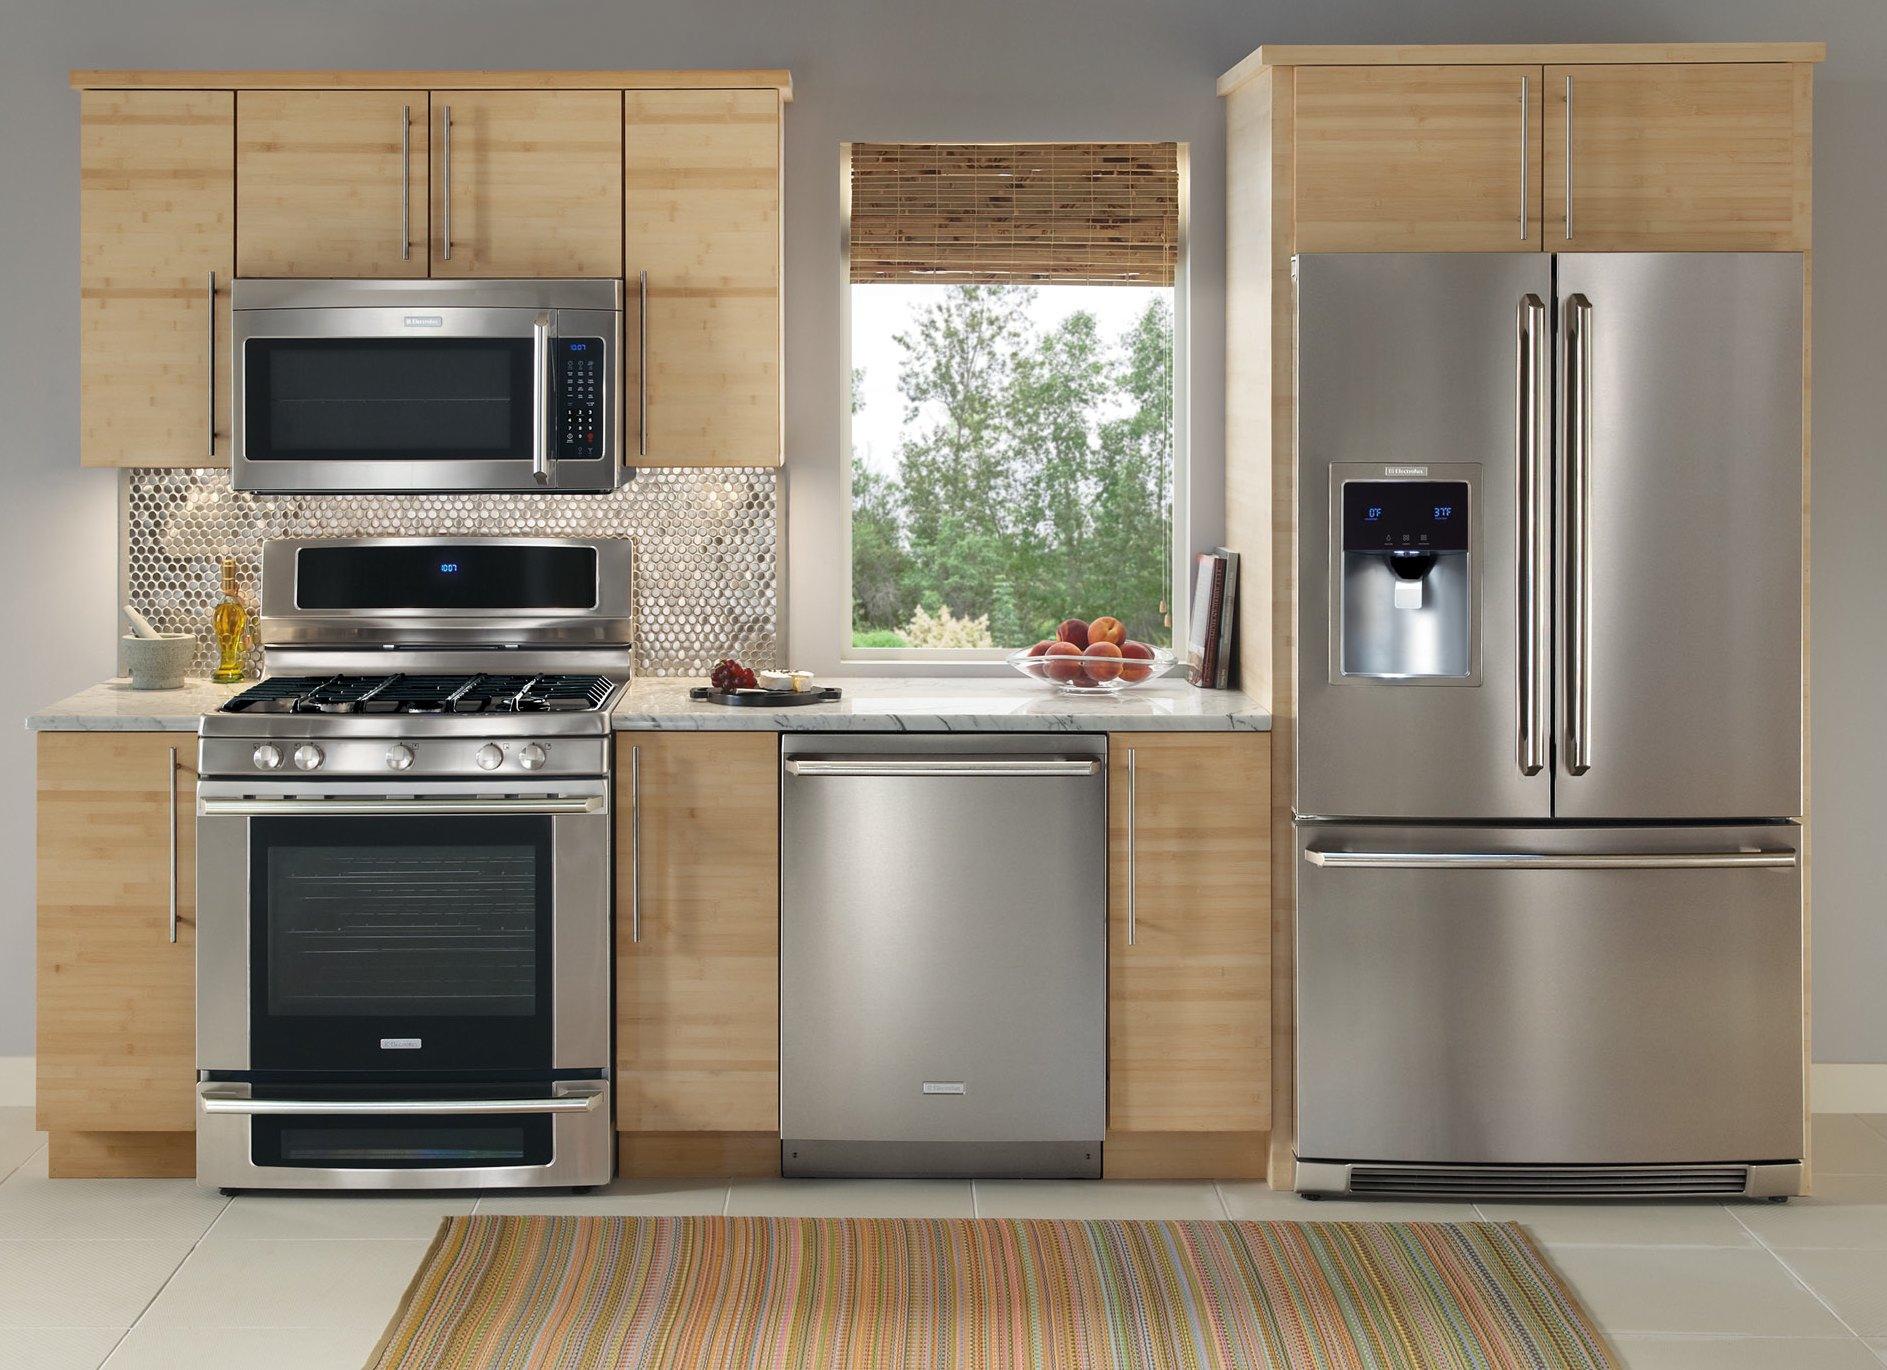 Jimgos Kitchen Appliances | Home Appliances - North London- London